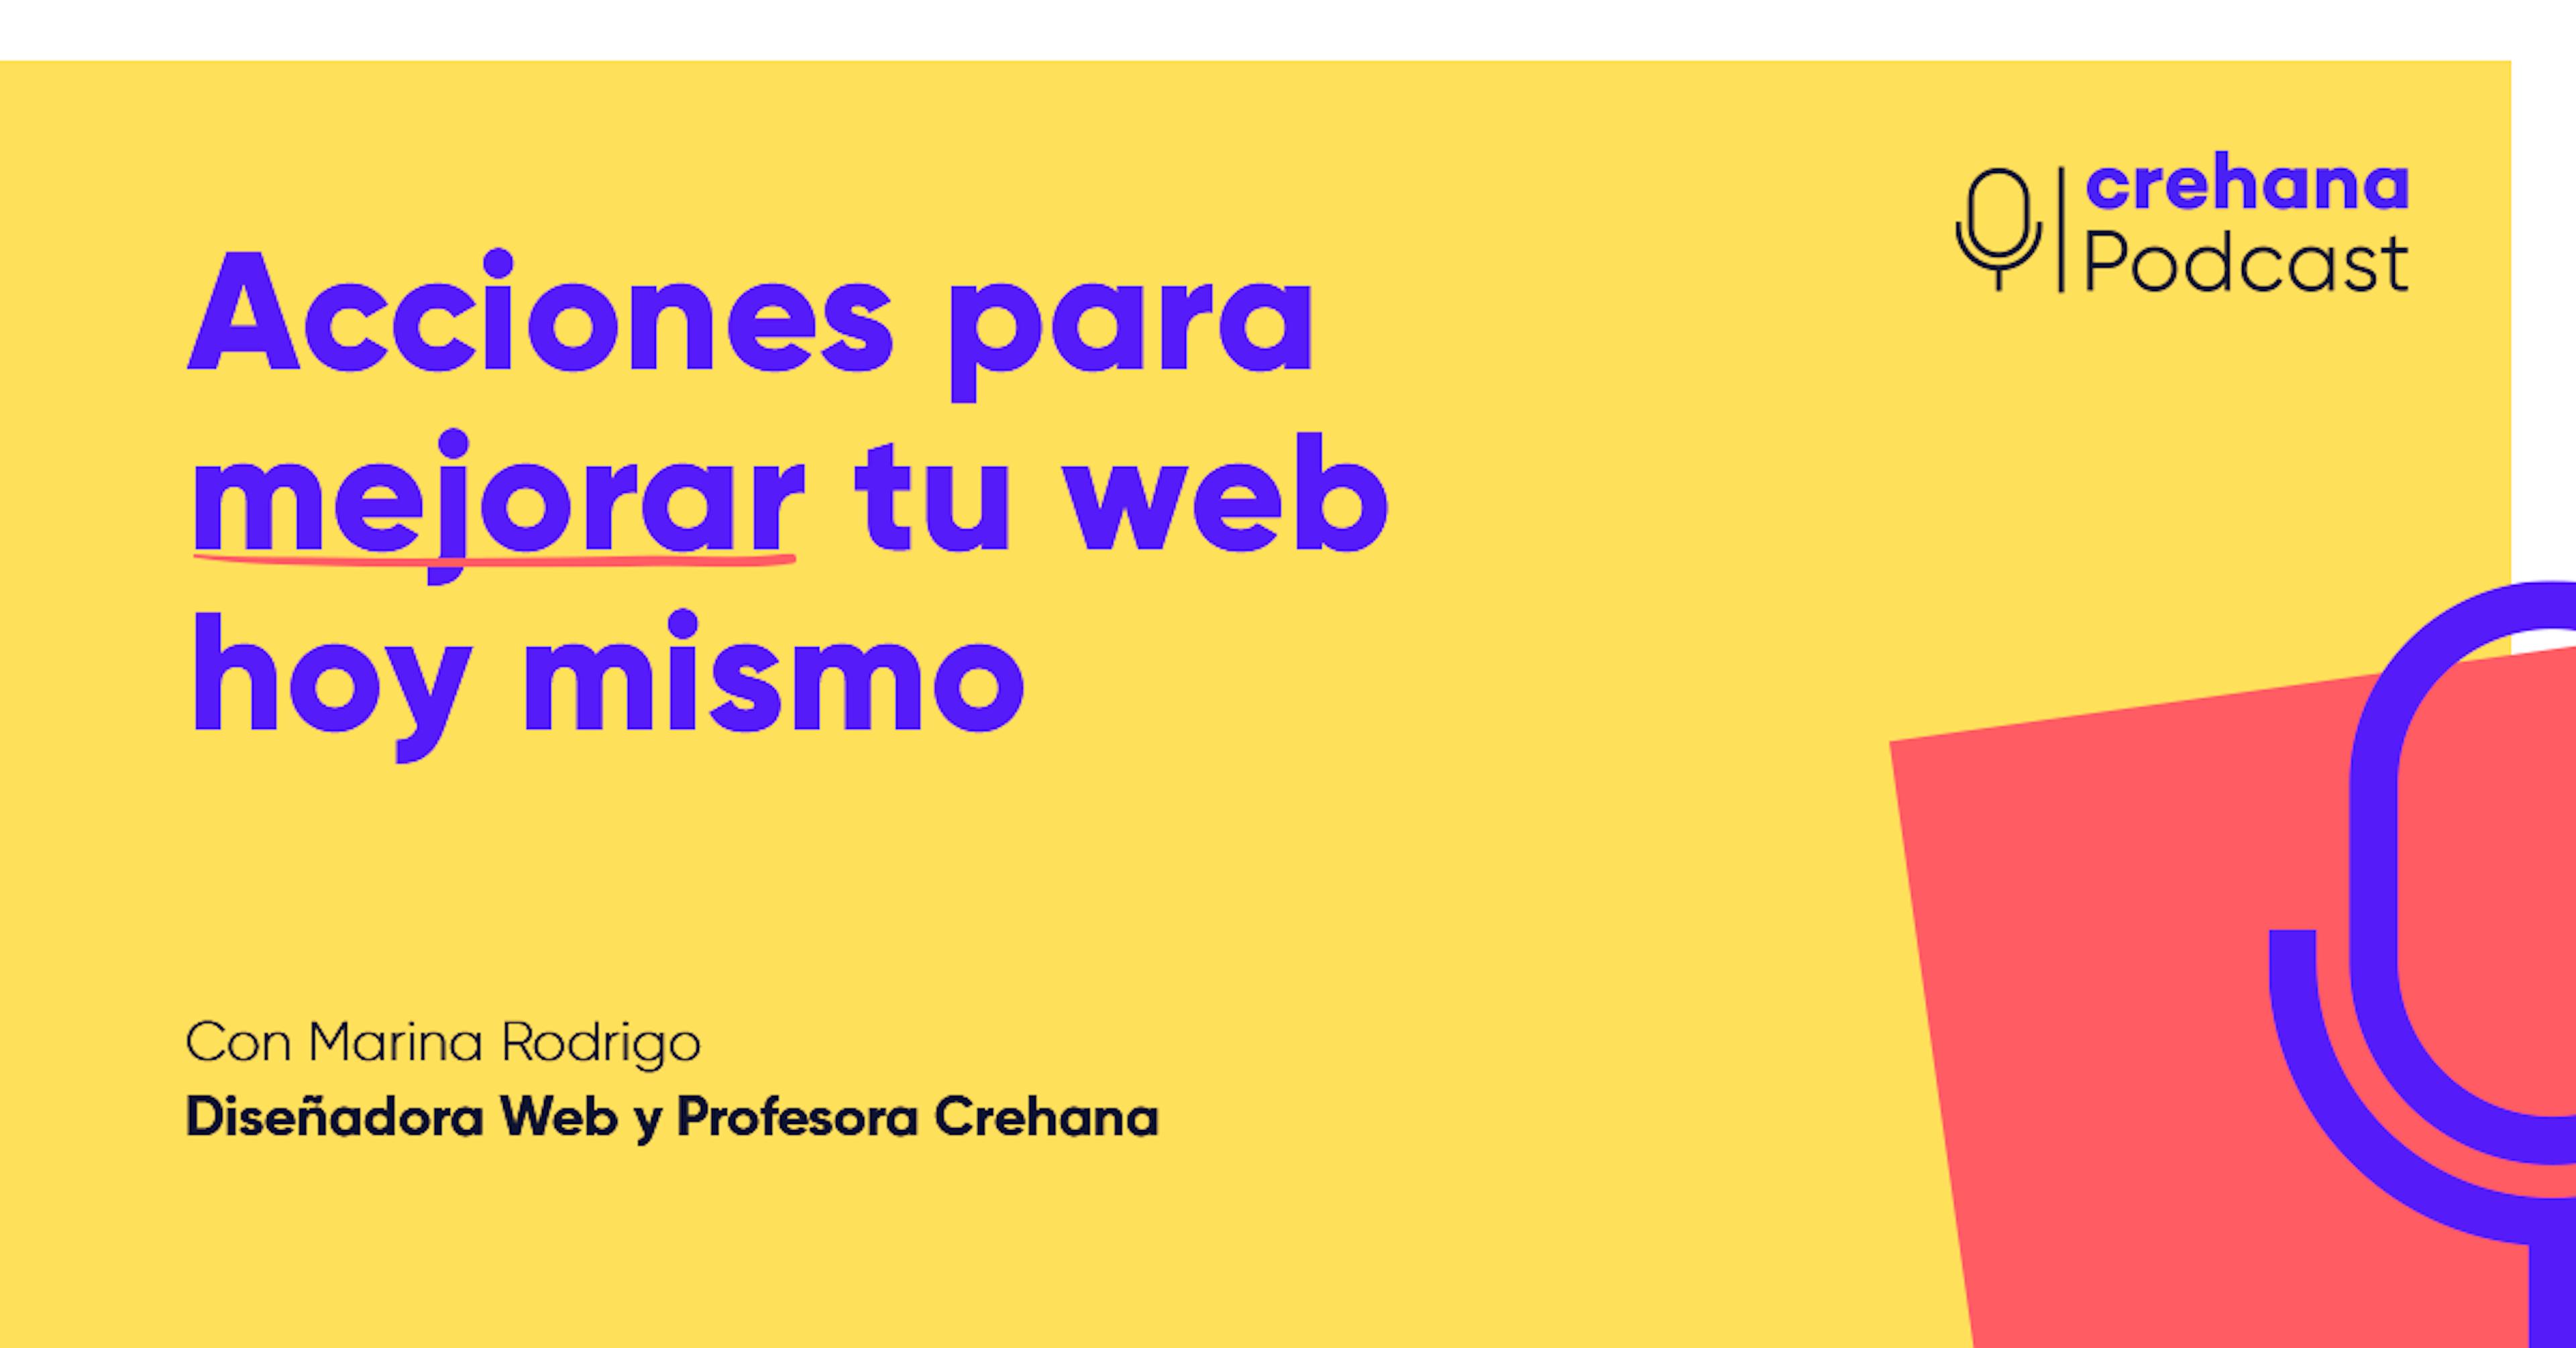 Crehana Podcast: Acciones para empezar o mejorar tu web hoy mismo